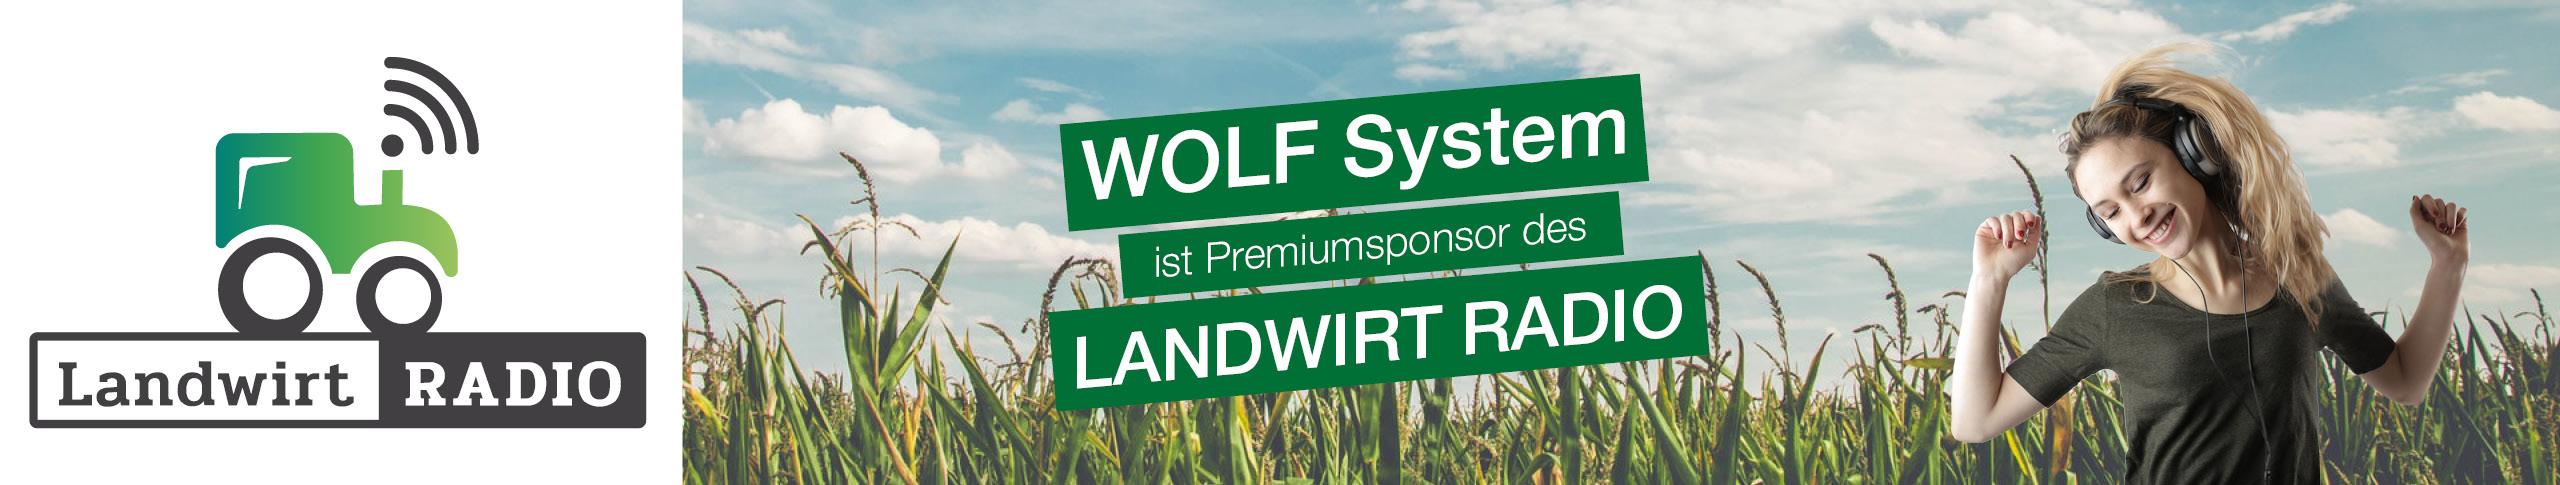 WOLF System ist Sponsor des Landwirt RADIO